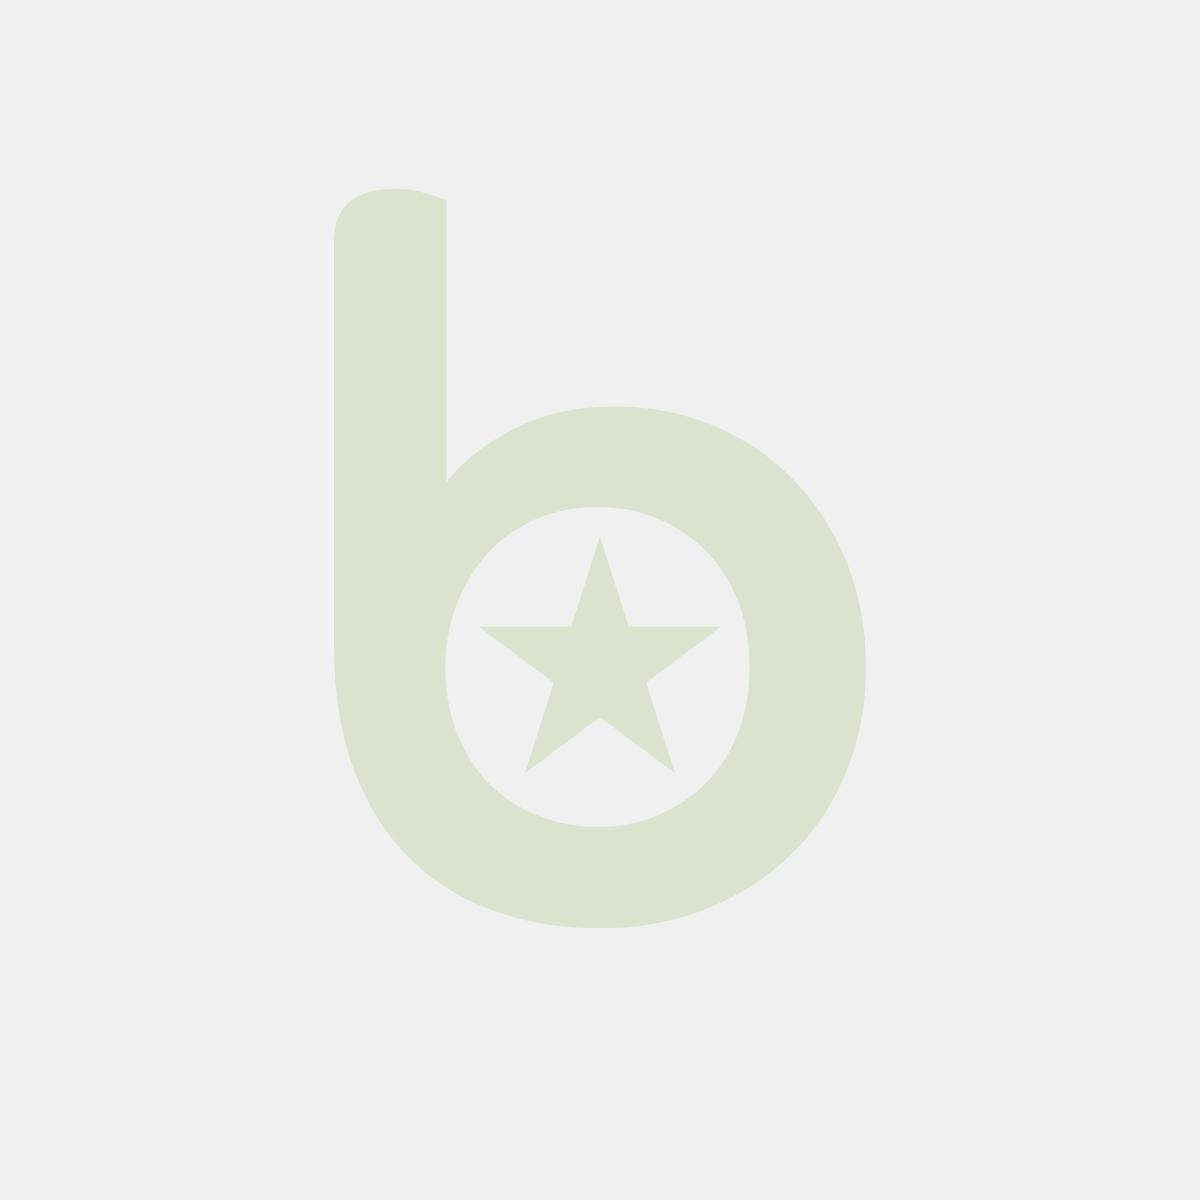 GREENBAG Torba bawełniana z nadrukiem THANK YOU 380x420